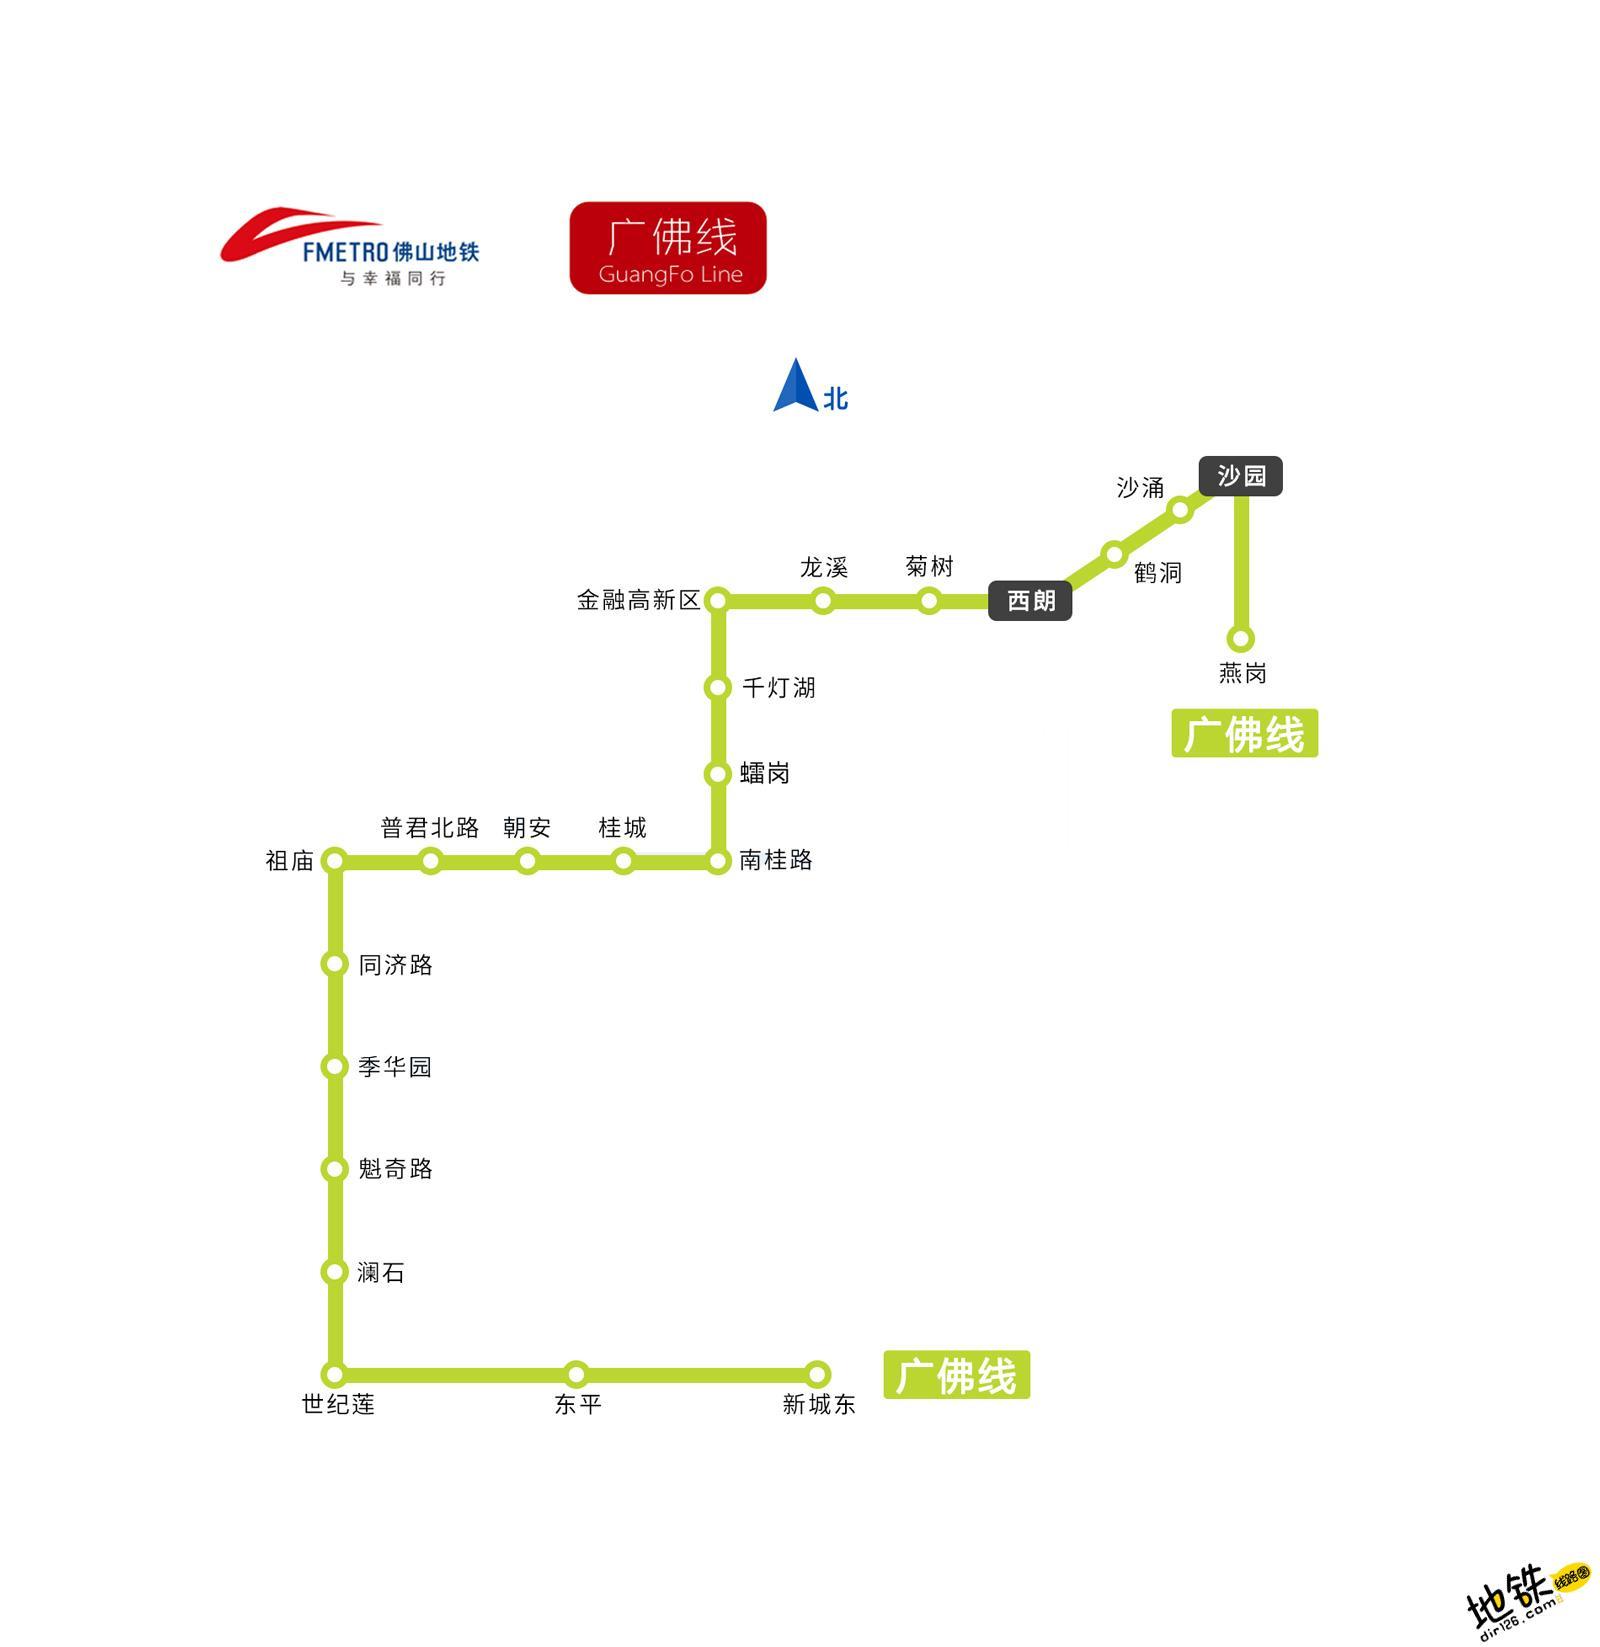 佛山广佛地铁1号线线路图_运营时间票价站点_查询下载 佛山地铁线路图 第2张